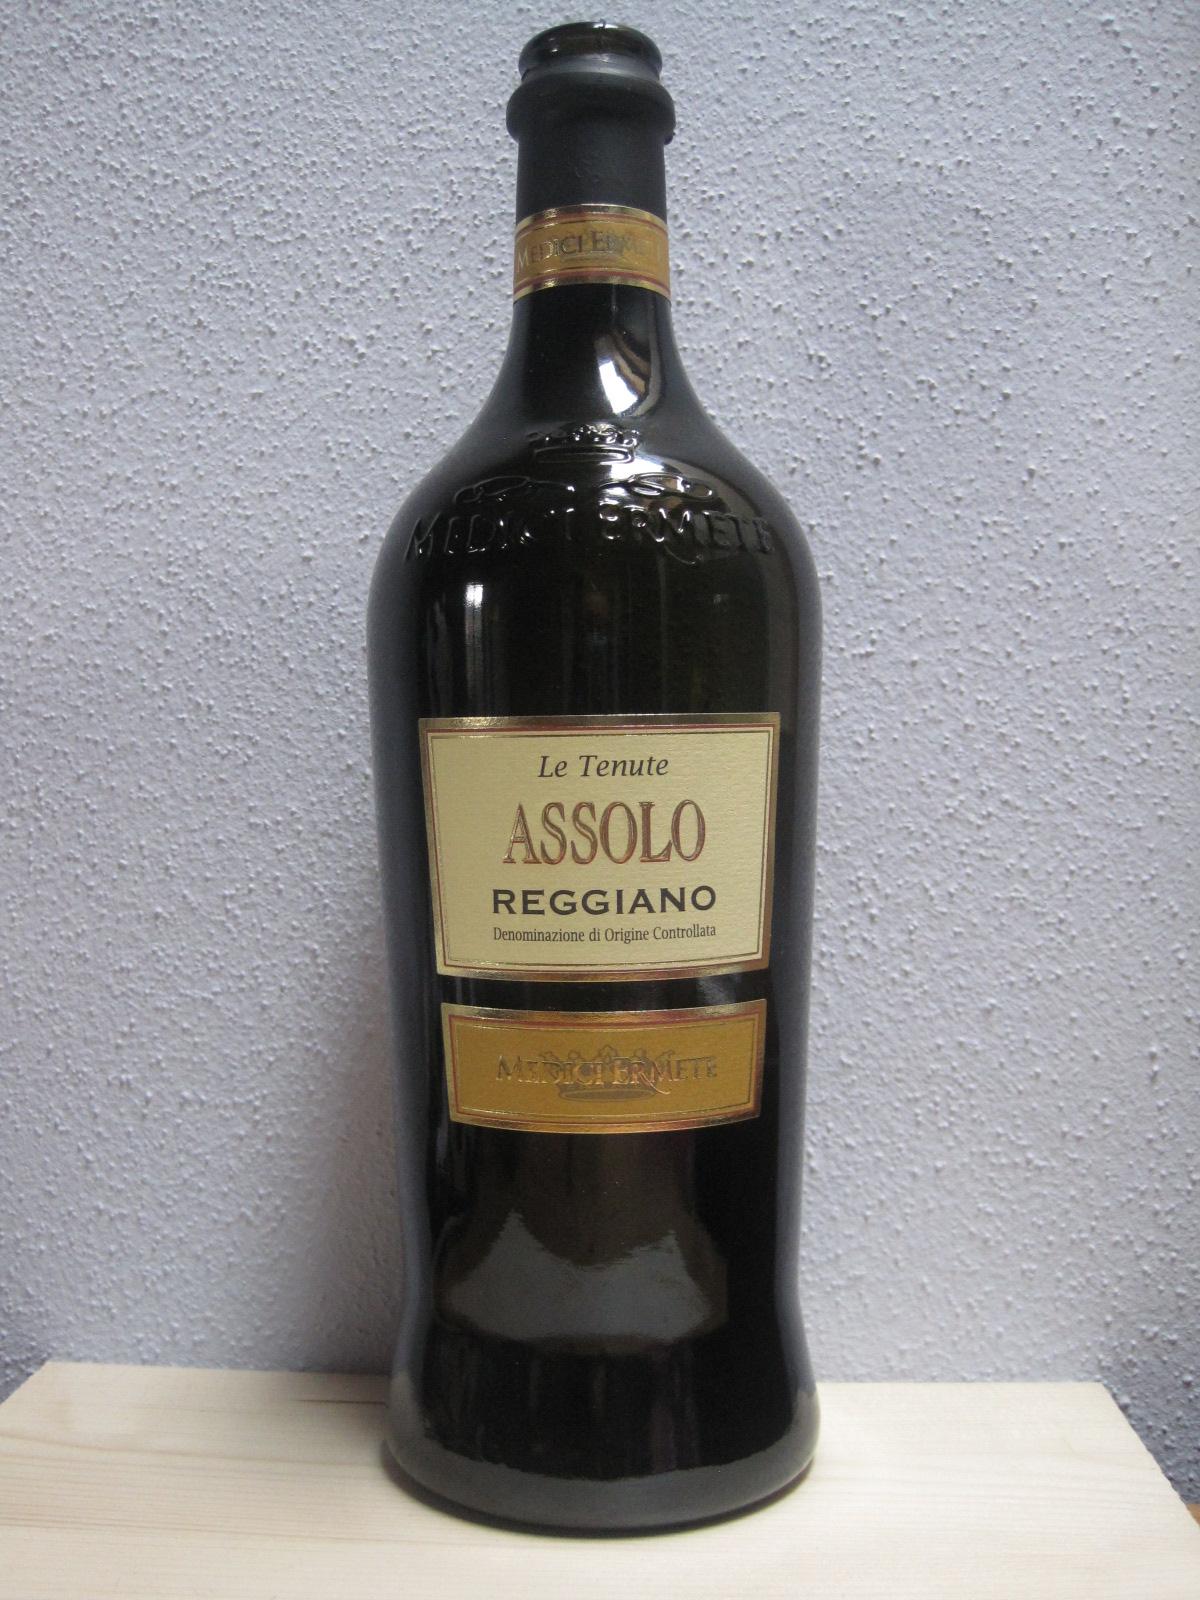 Das Lambrusco-Wein-Zwiebelkuchen-Experiment